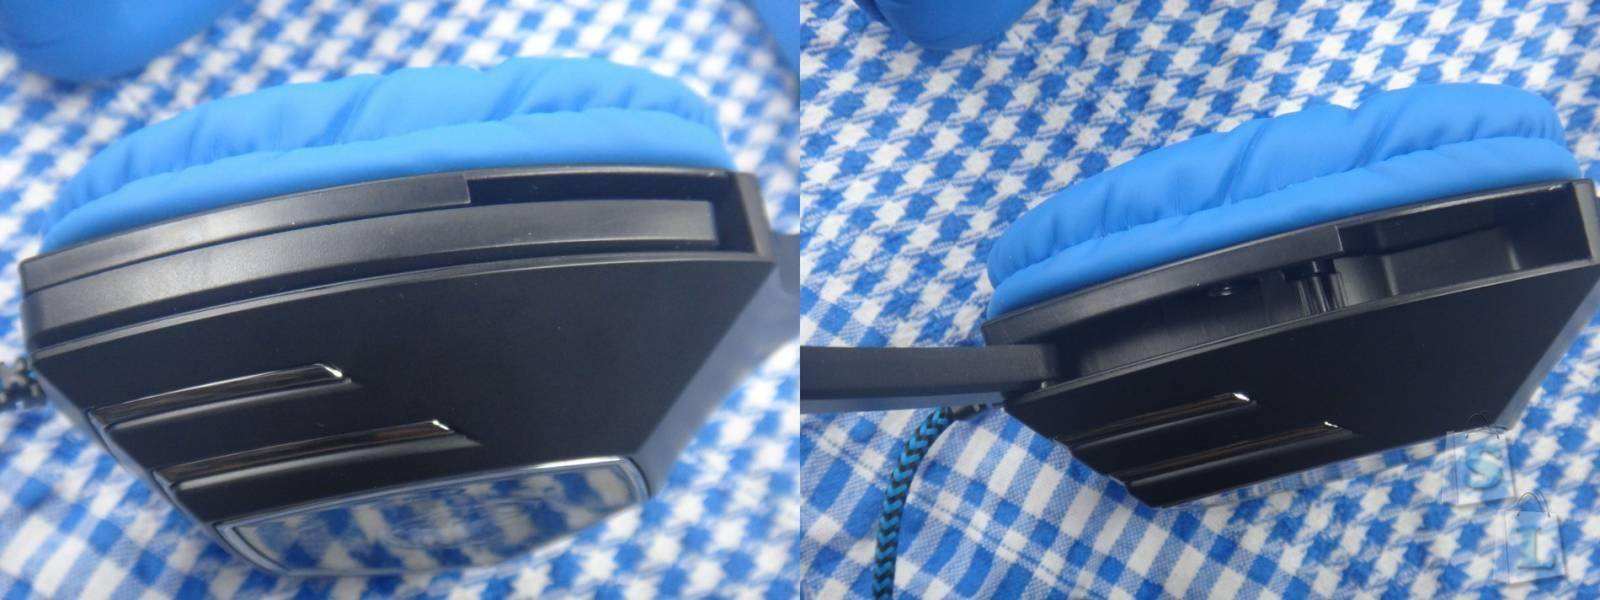 Lightake: Обзор - Геймерские наушники SADES A60 со встроенной звуковой картой + микрофон